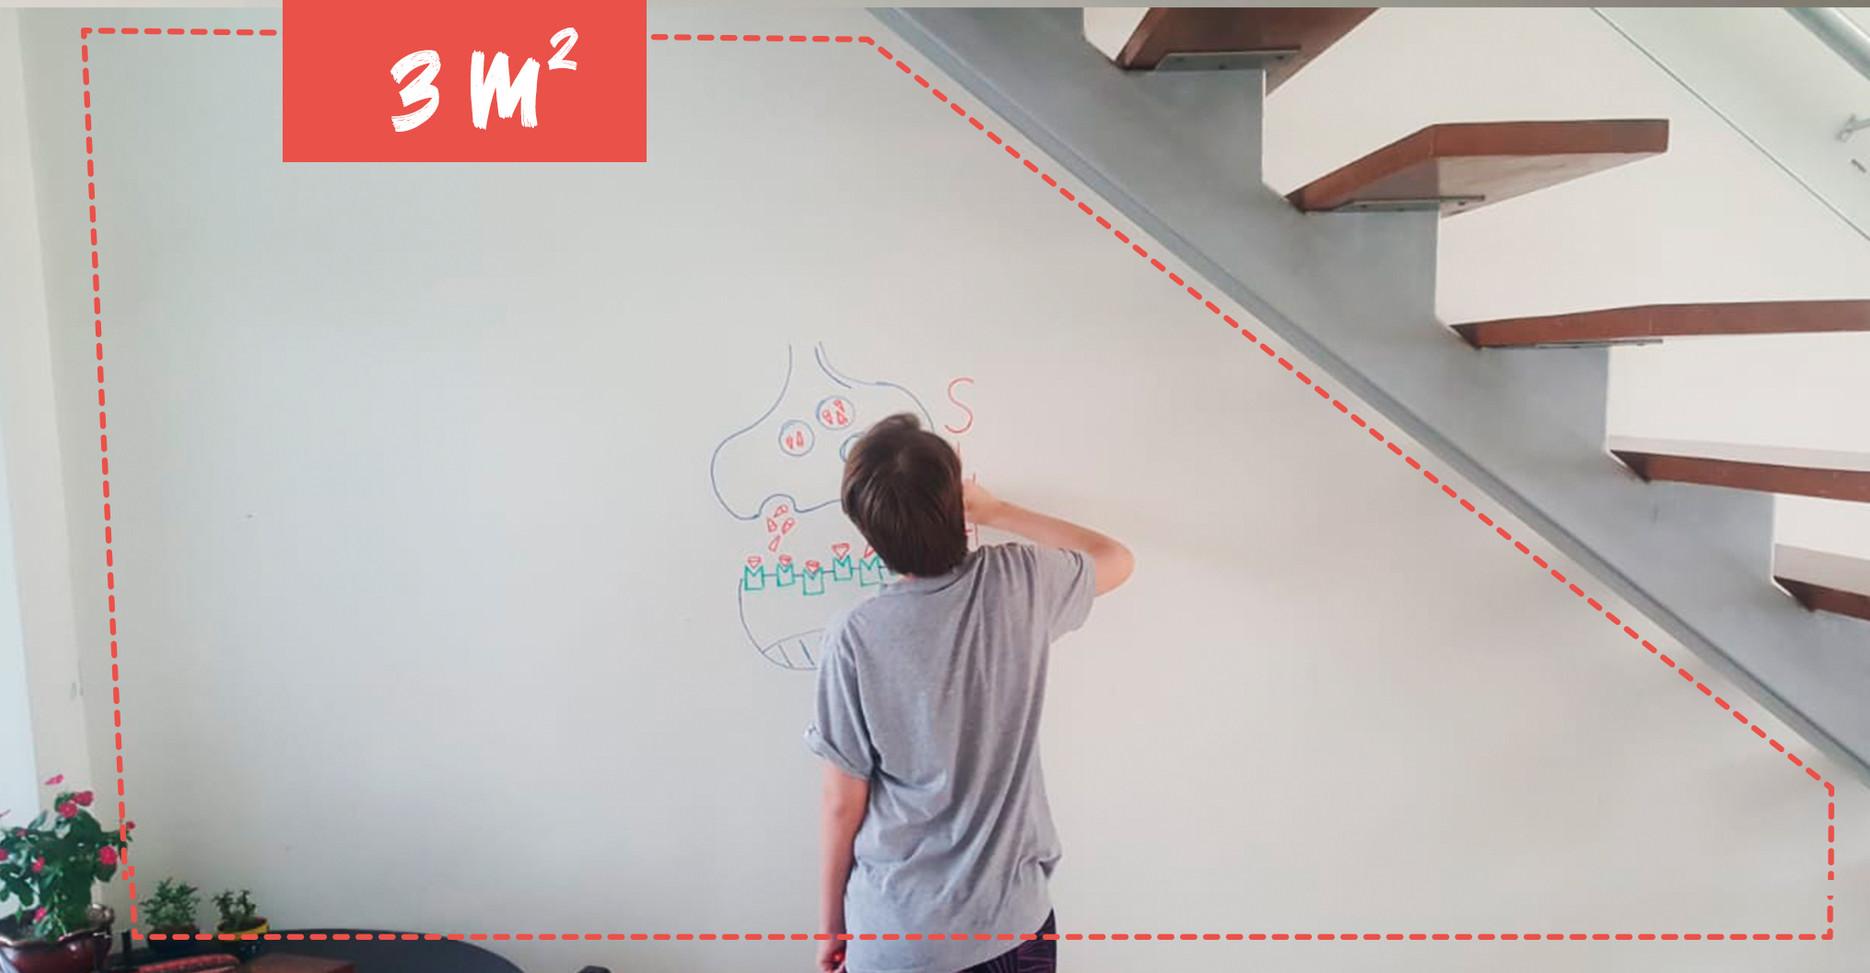 Area de Creatividad - 3 m2.jpg